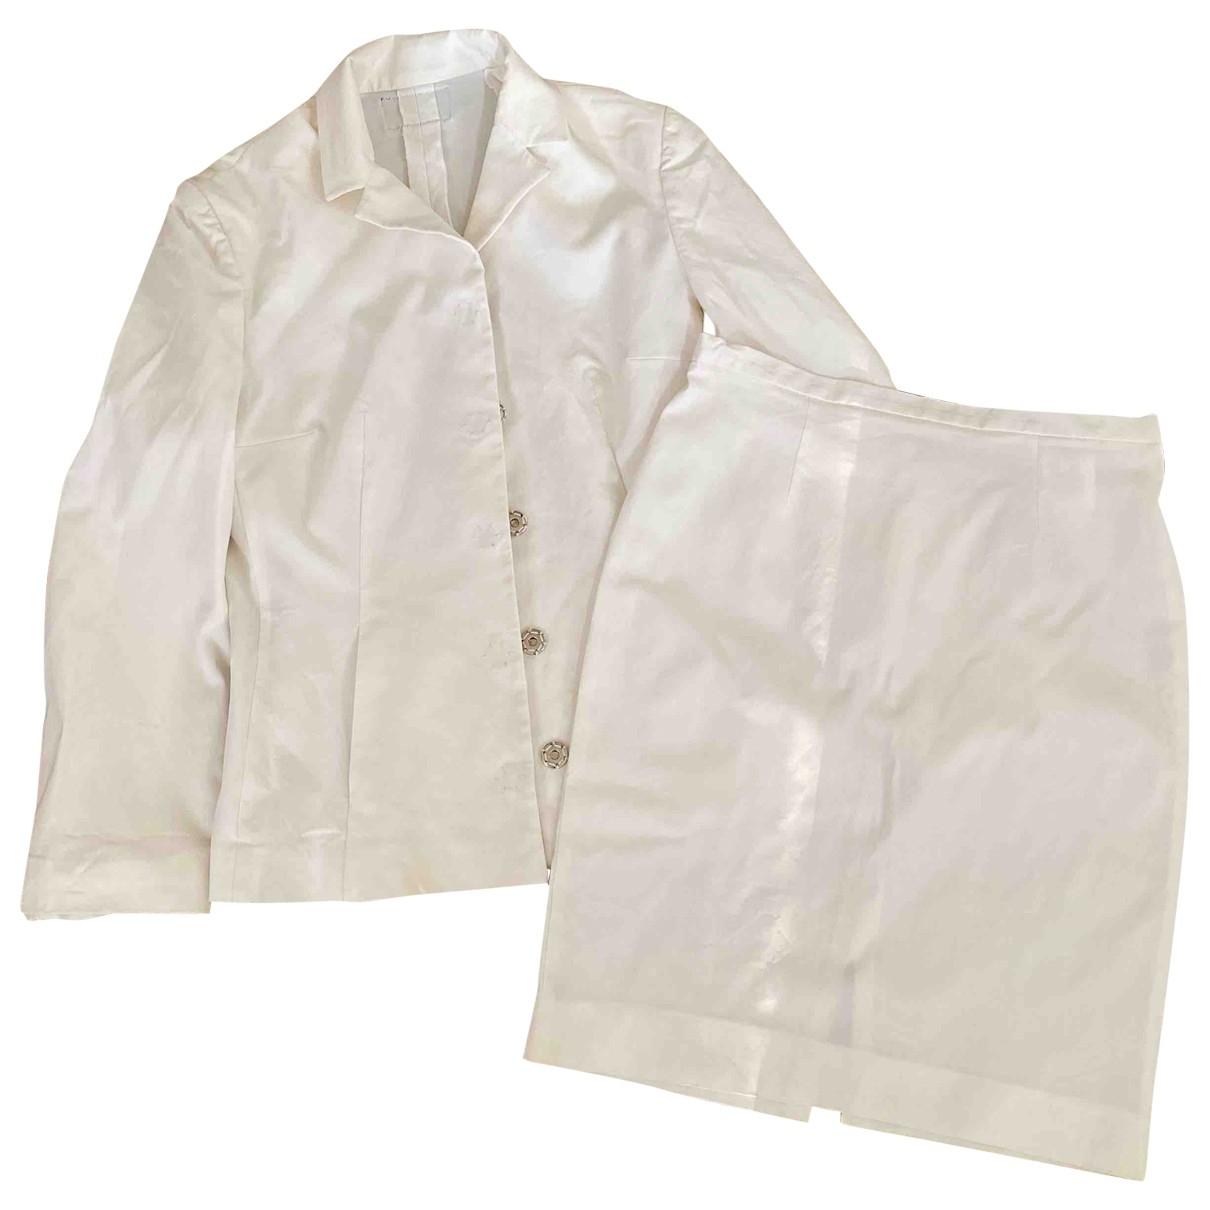 D&g - Robe   pour femme - blanc